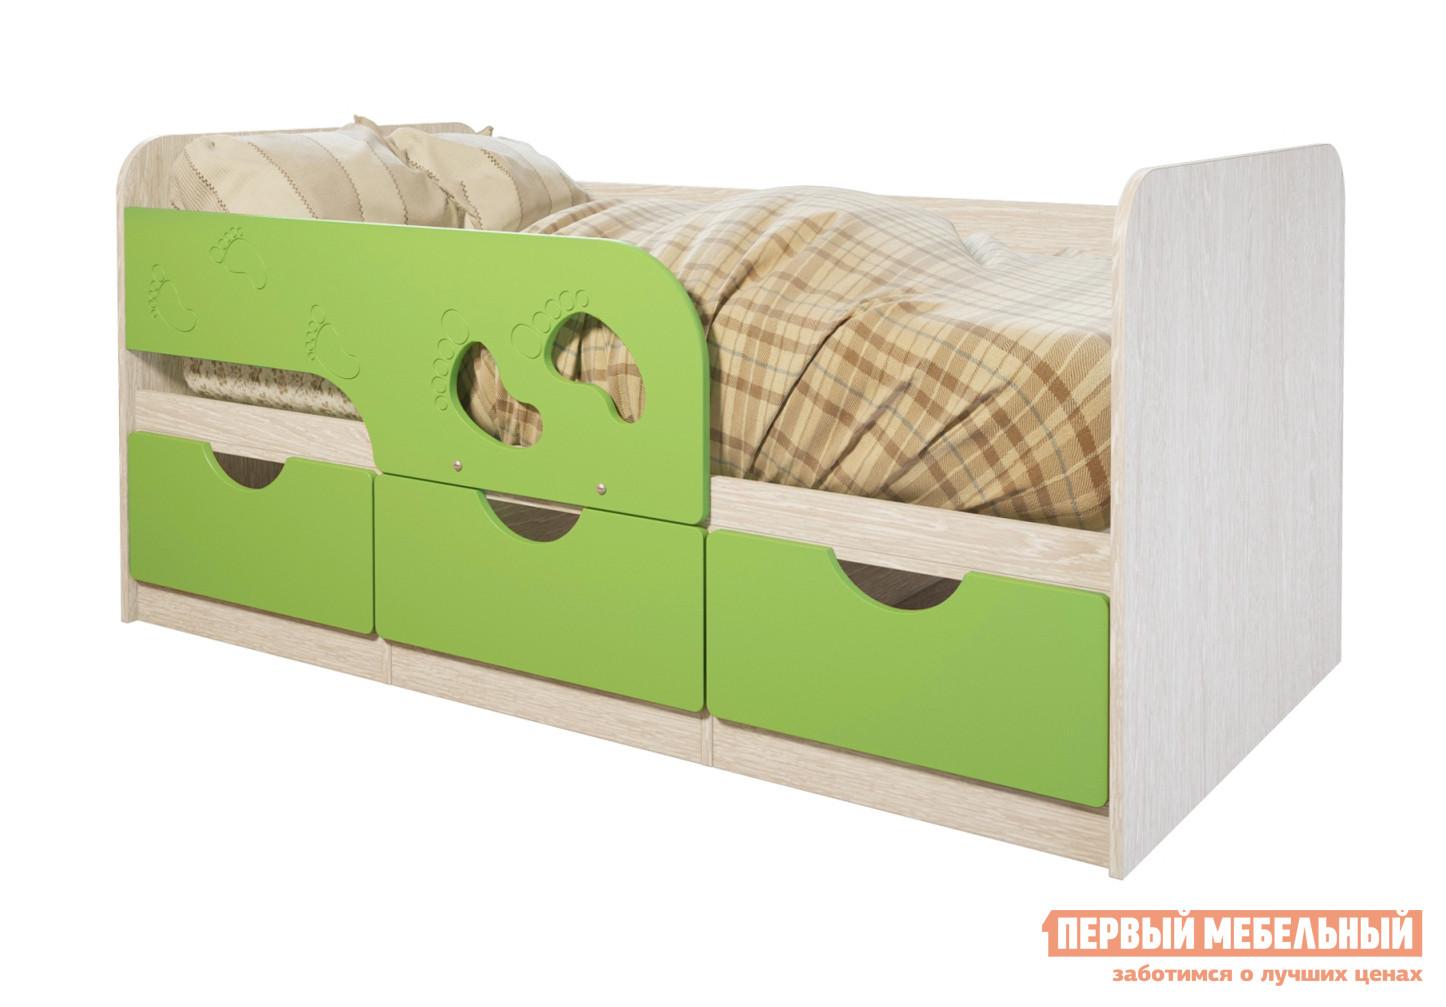 Детская кровать  Лего 1 Дуб Атланта / Лайм глянец — Лего 1 Дуб Атланта / Лайм глянец